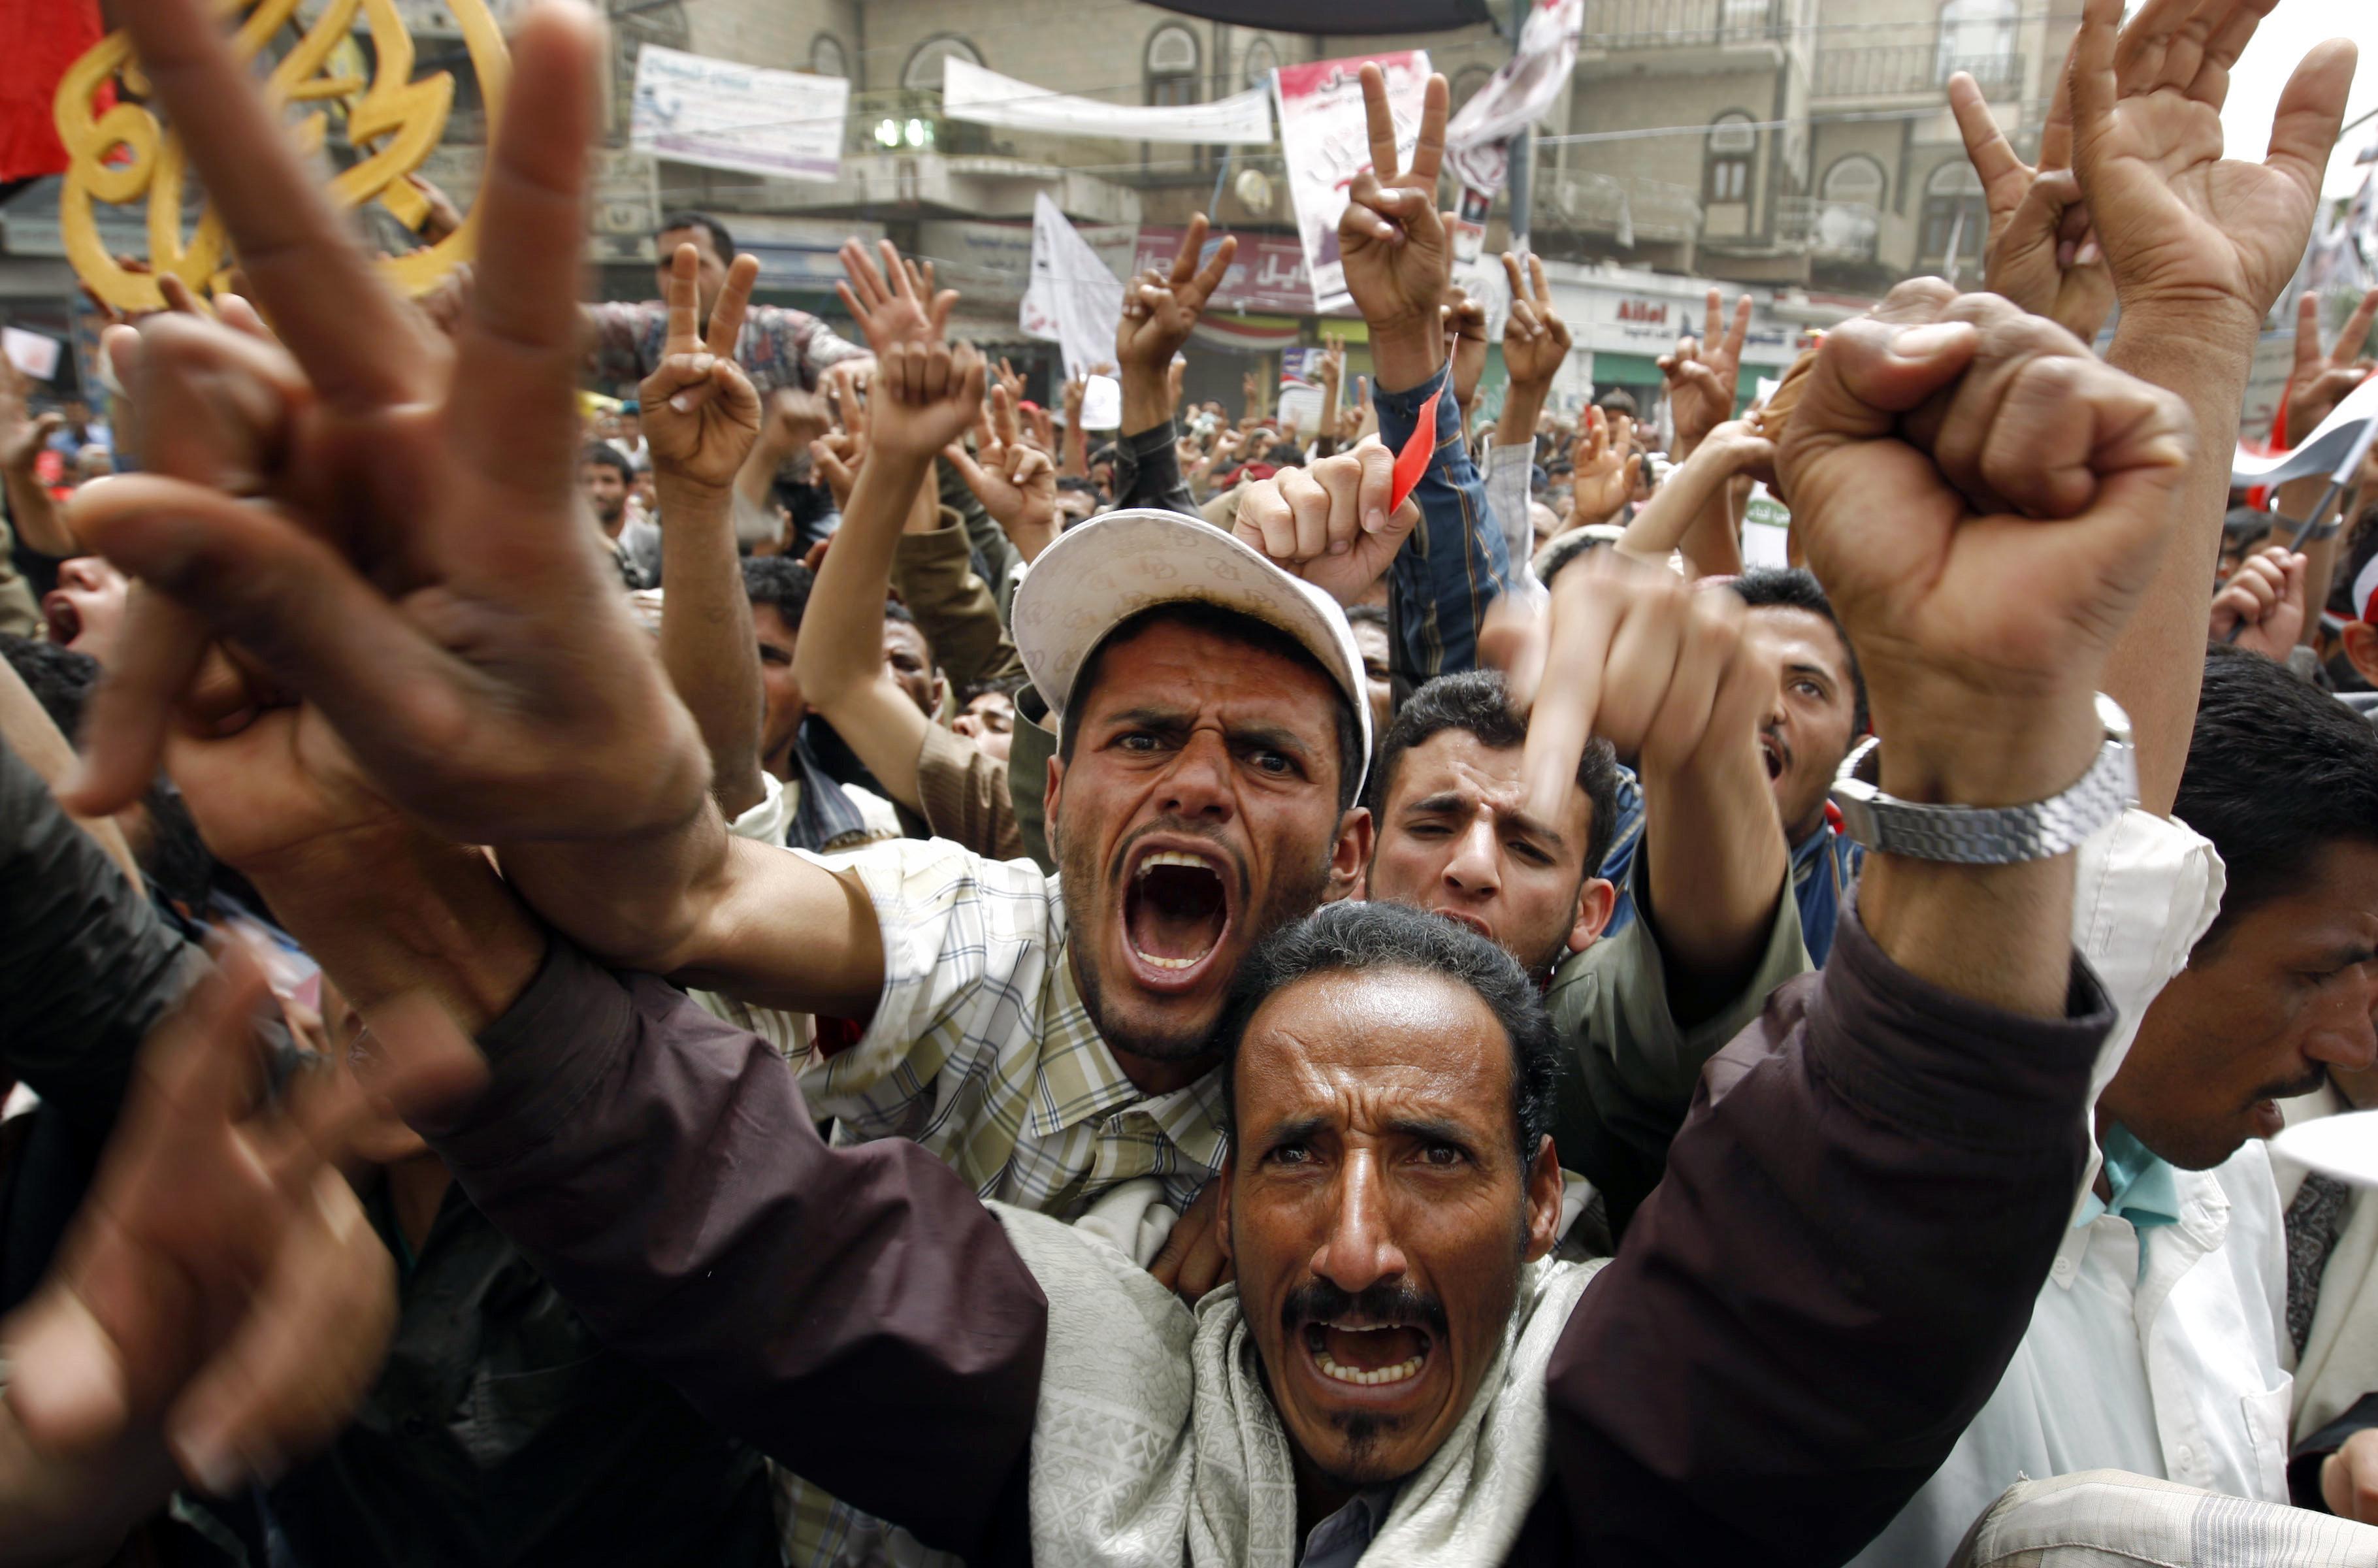 예멘인들이 고국을 떠난 이유는 그때의 우리와 비슷하다